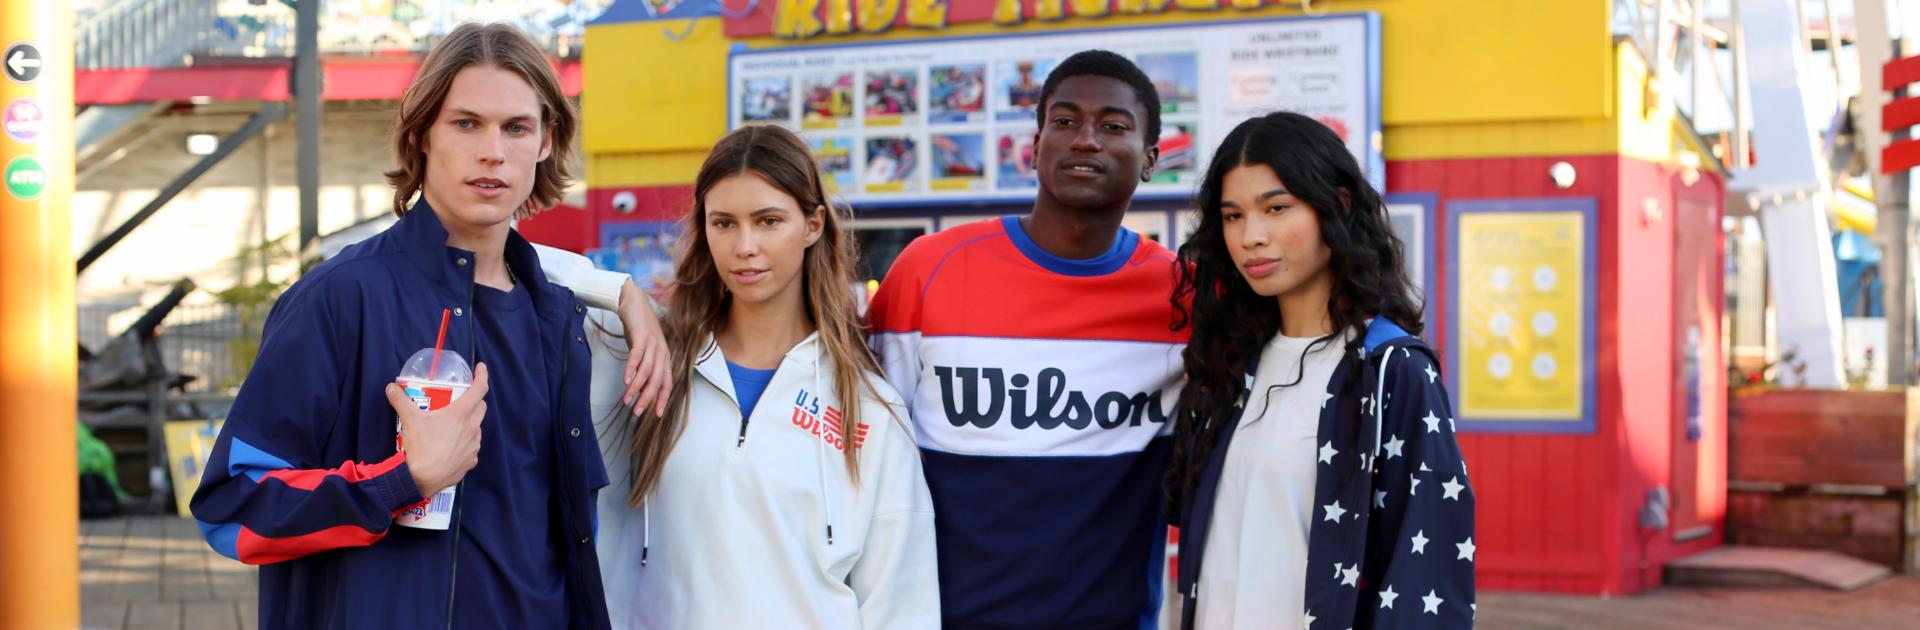 people on a boardwalk wearing wilson sportswear